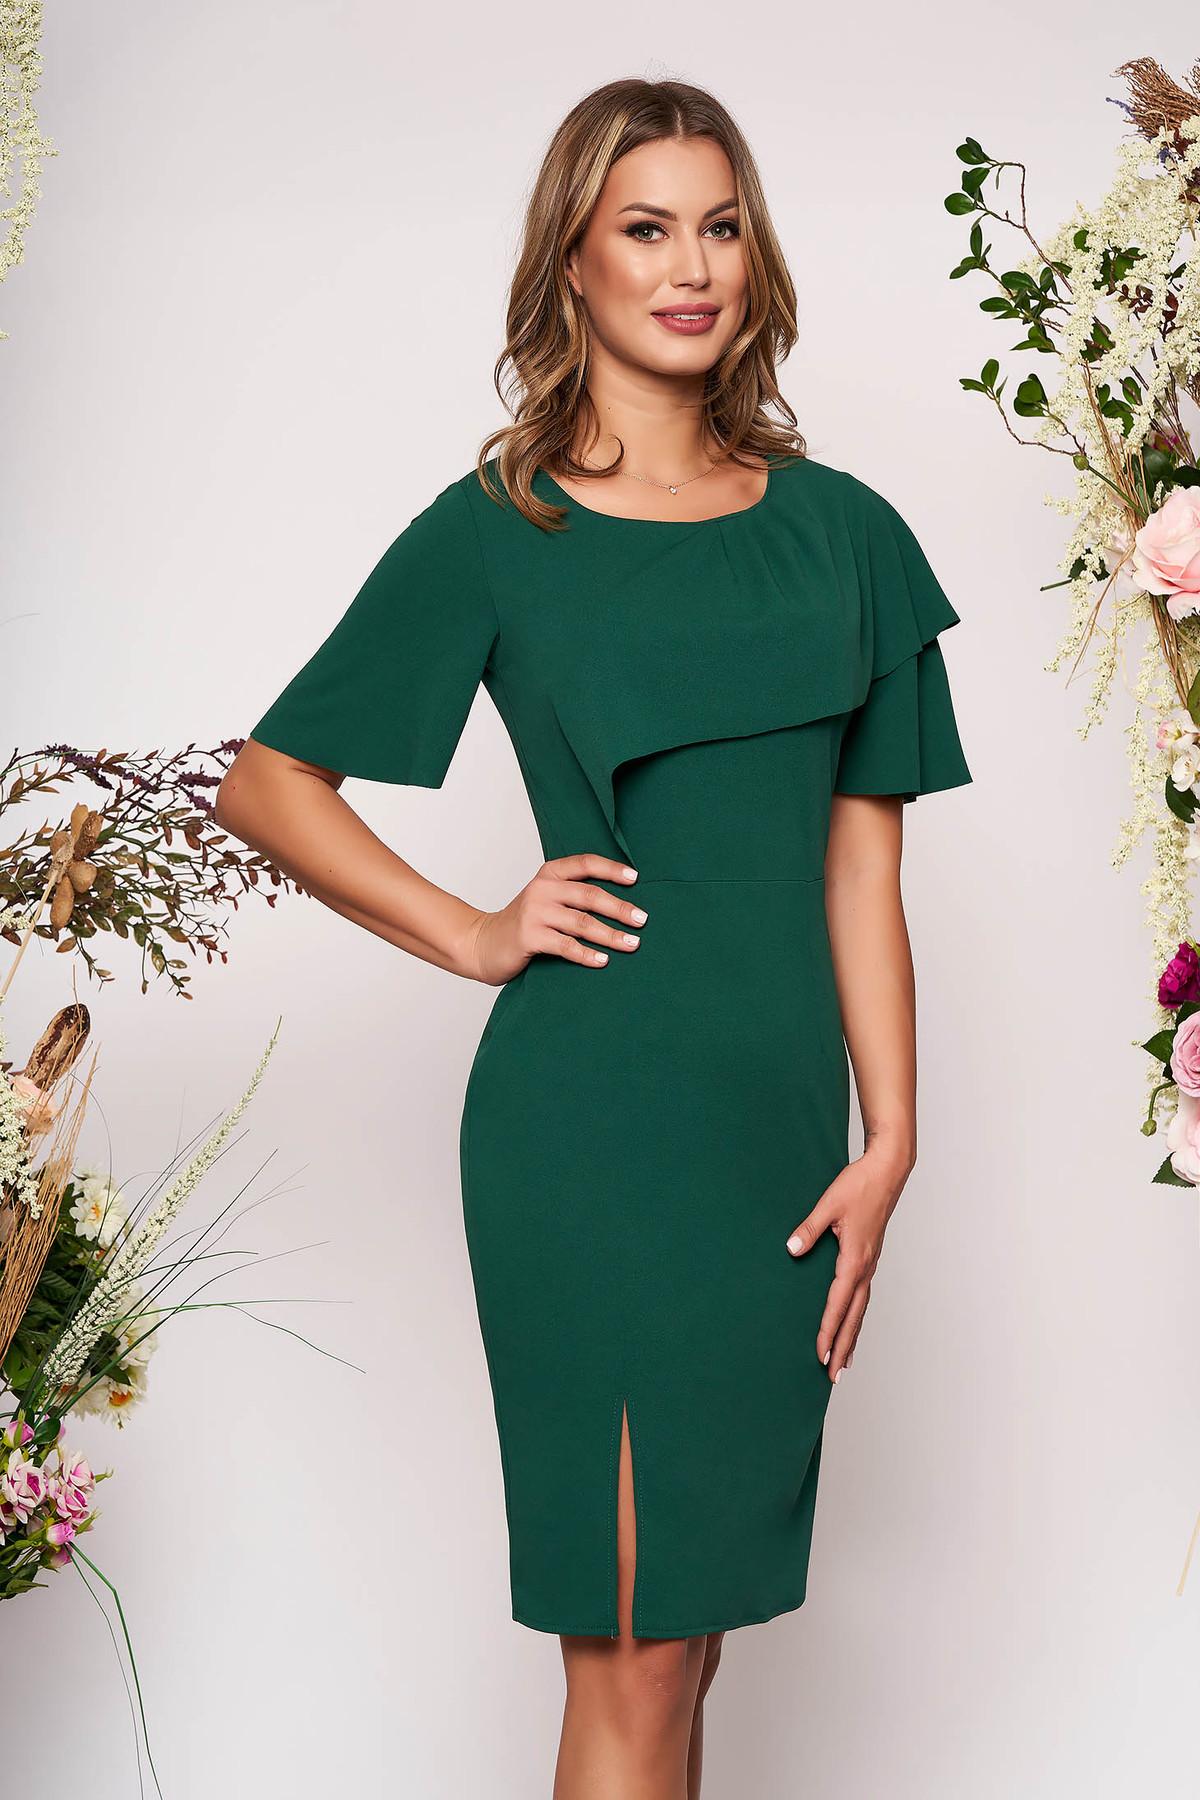 Rochie verde-inchis de zi tip creion din material elastic cu un croi mulat cu maneca scurta